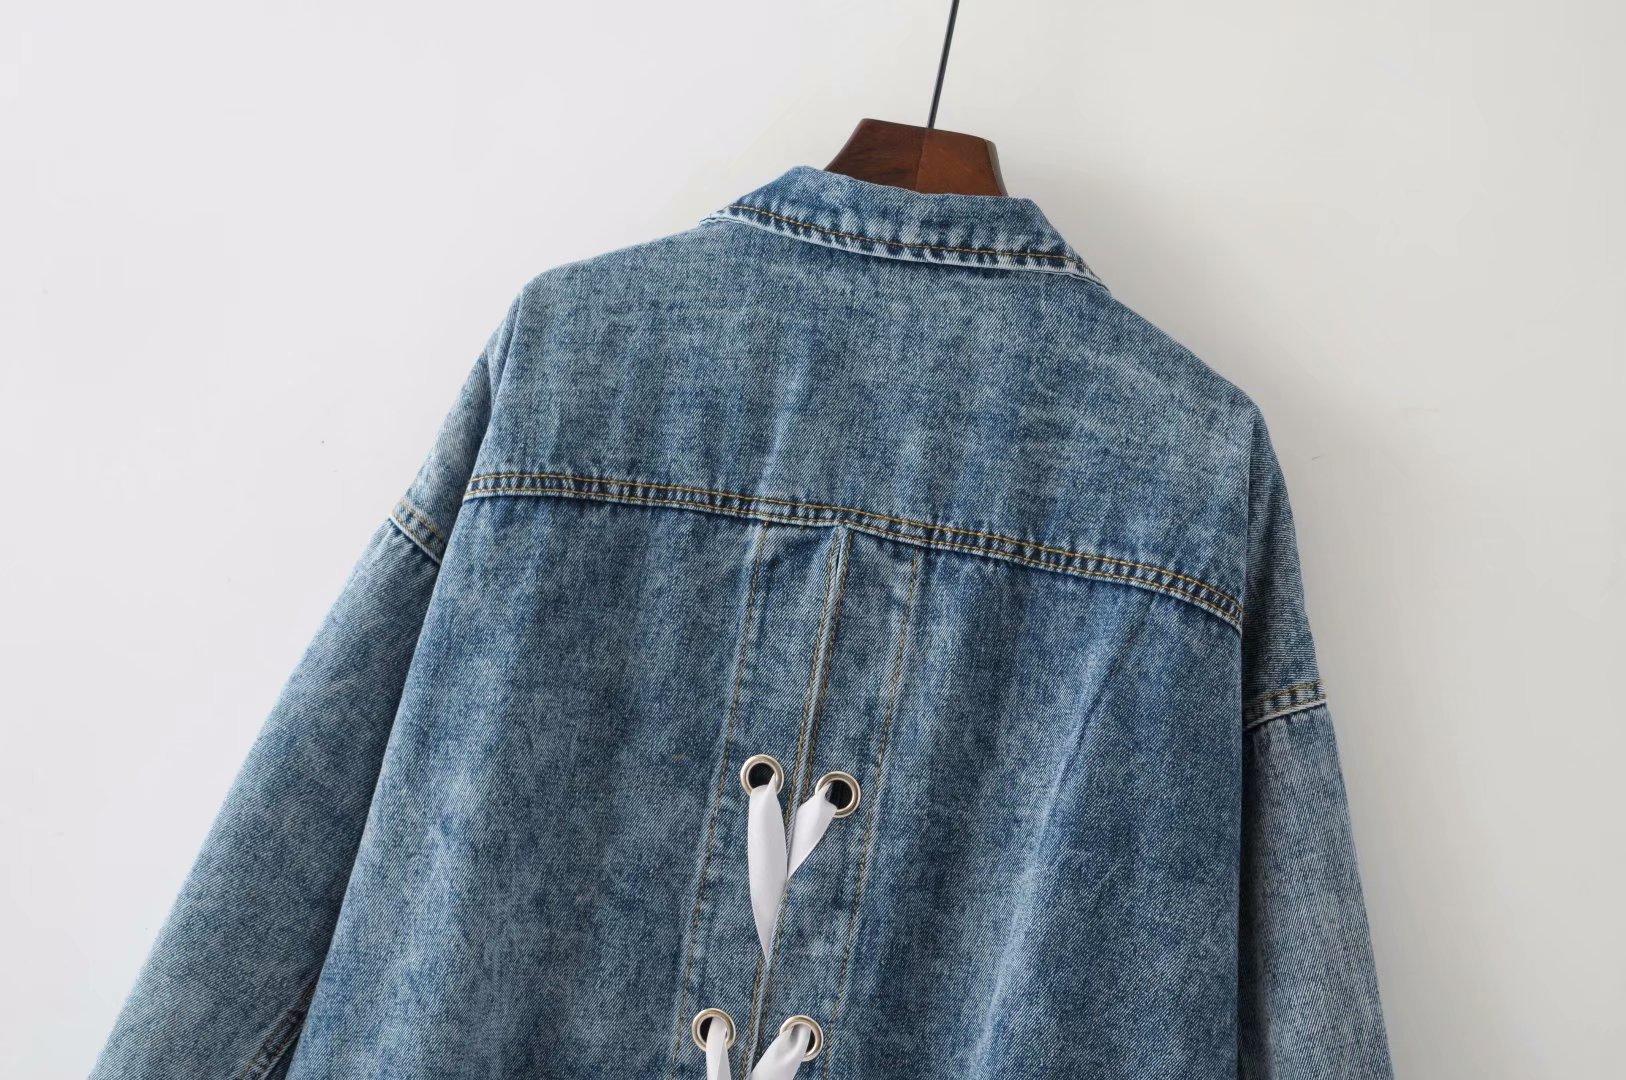 Abbigliamento Primavera Lunga Denim Manica Del Casual 358 Lace Split Allentato Più Di Blu Torna Il 2019 Donne Up Formato Giacca L2 Delle Modo Cappotti Iw8zxnZq